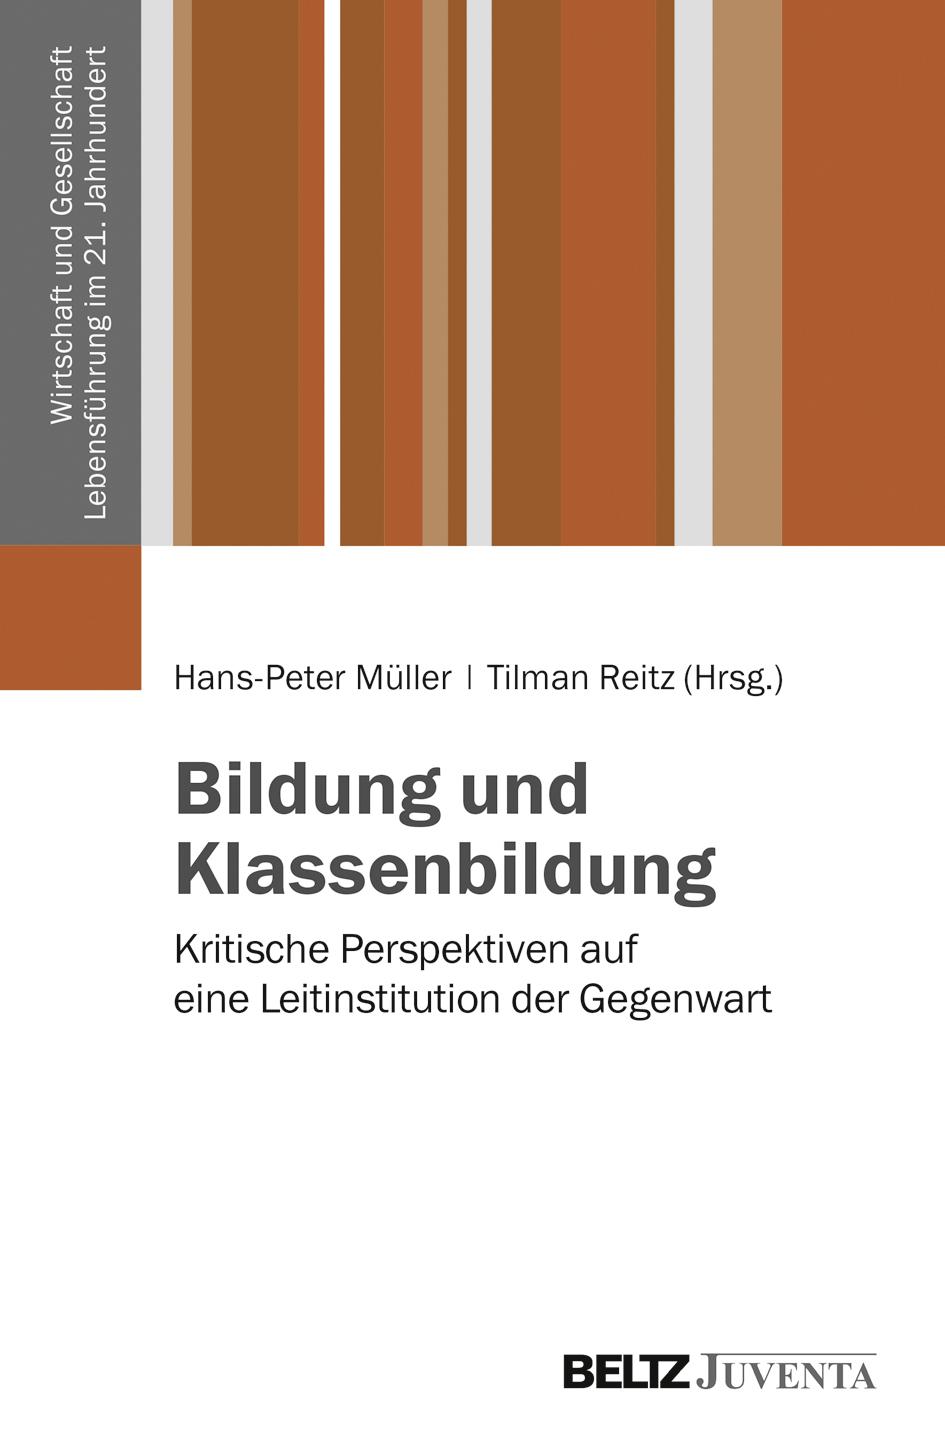 http://www.beltz.de/fileadmin/beltz/productsfine/9783779929970.jpg